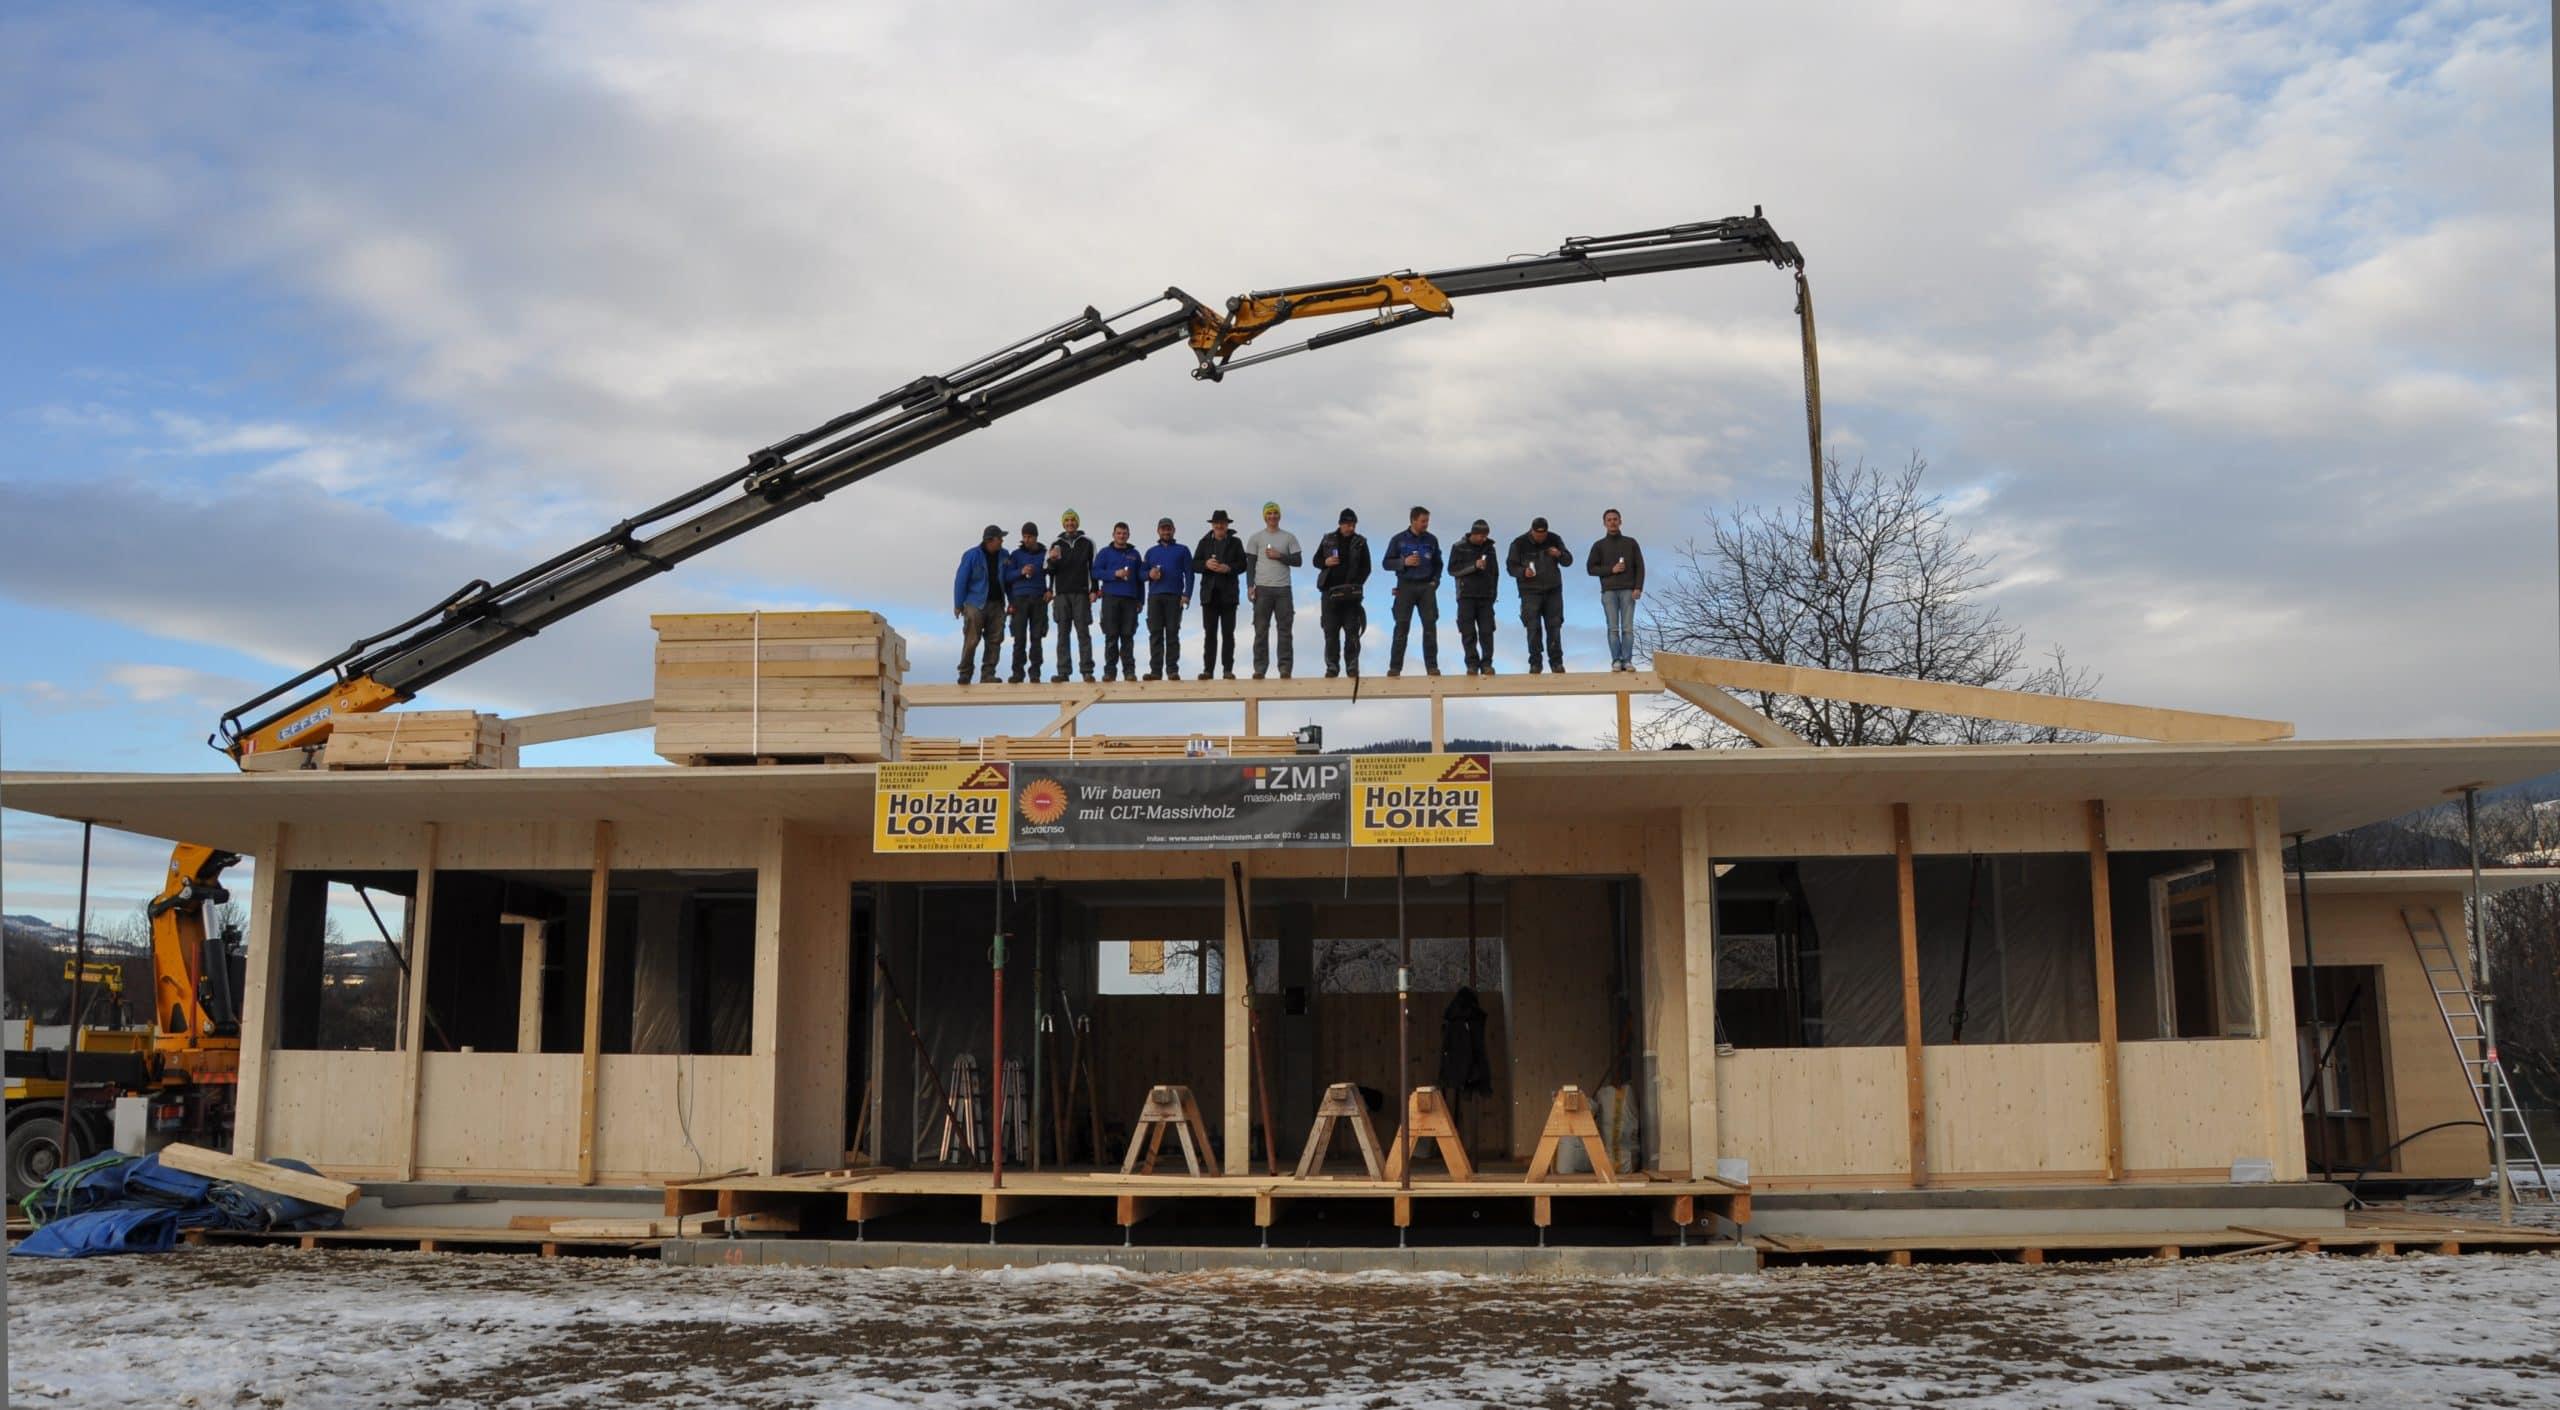 DAs erfolgreiche Mitarbeiterteam von Holzbau Loike